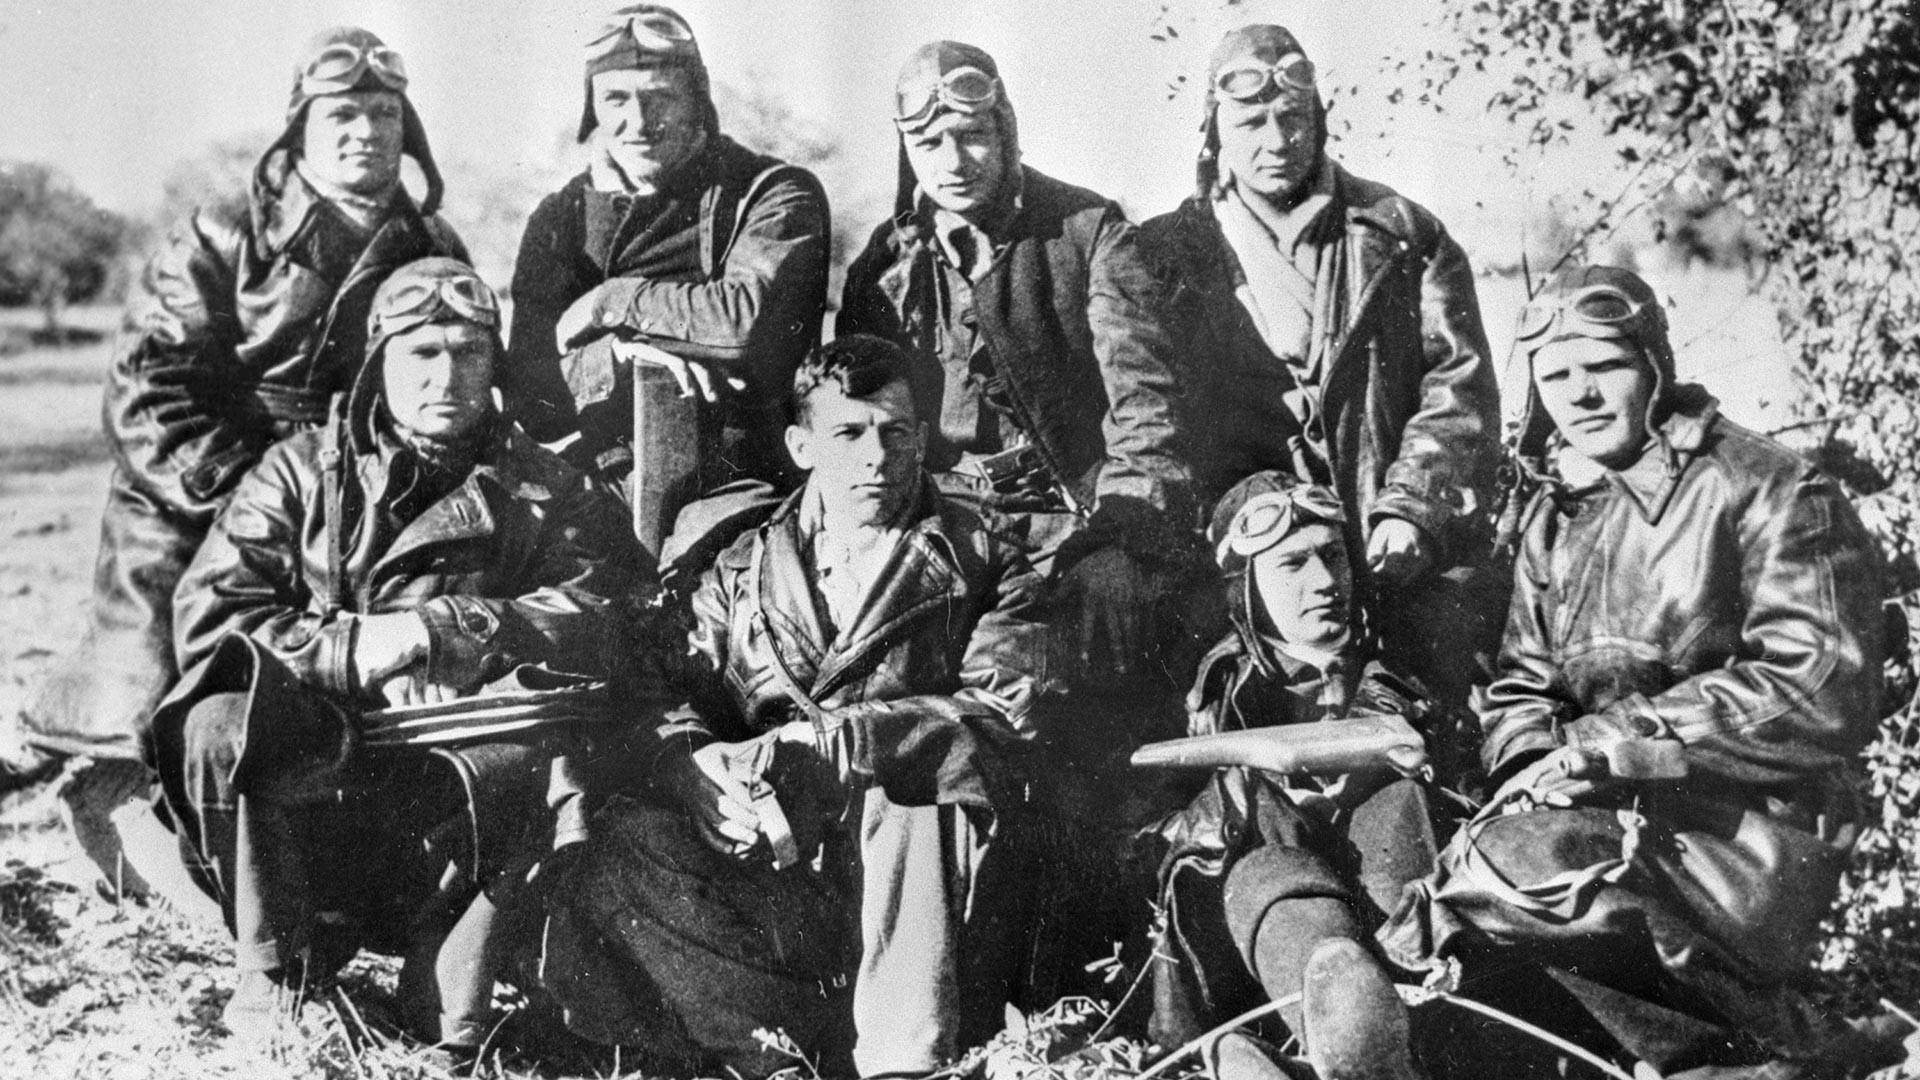 マドリード郊外ソト飛行場のソ連の飛行士